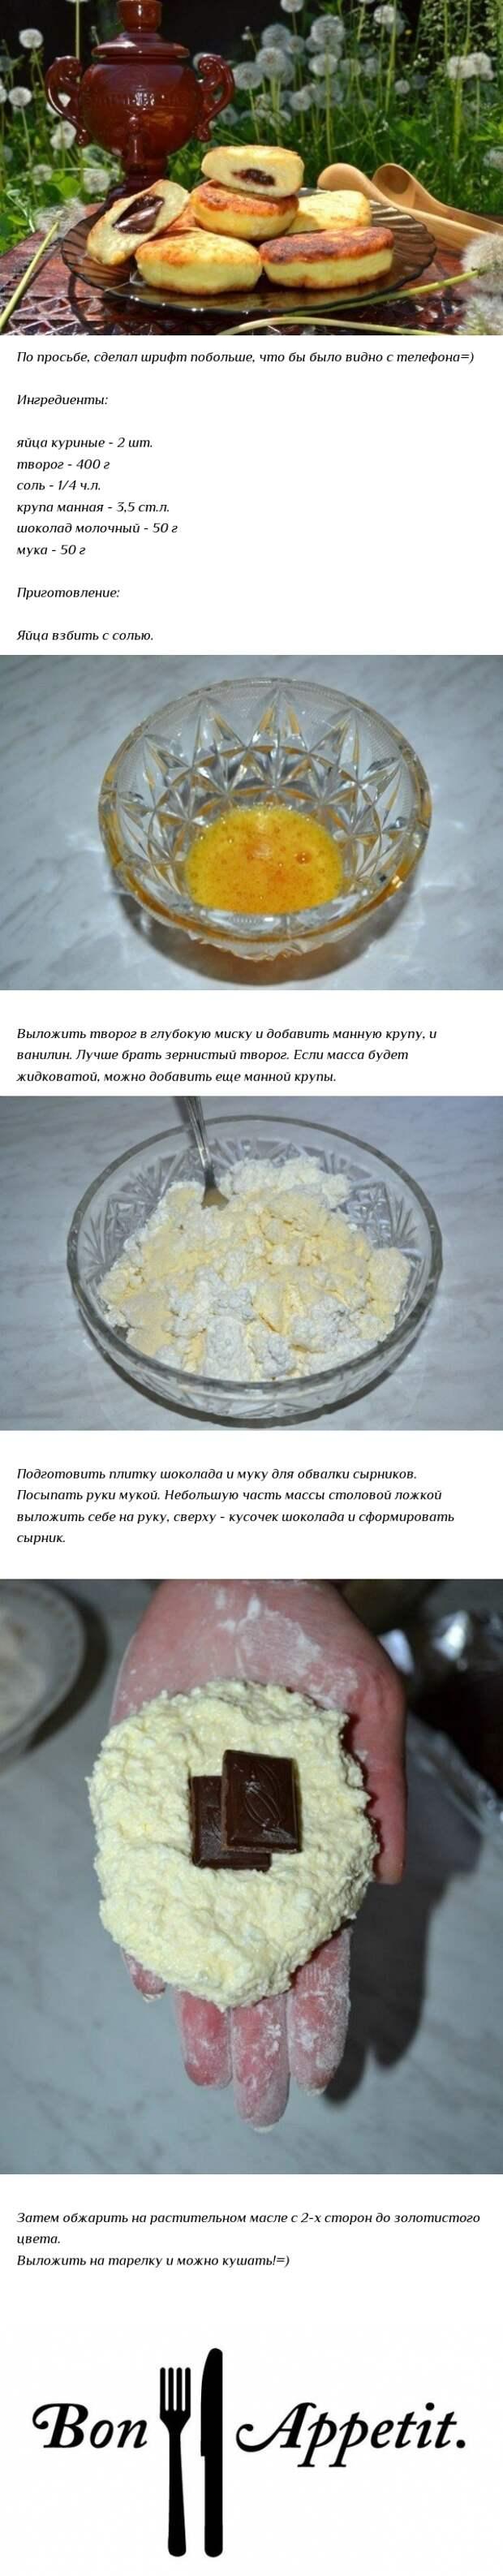 Сырники с шоколадом Еда, Рецепт, Сырники, Завтрак, Из сети, Длиннопост